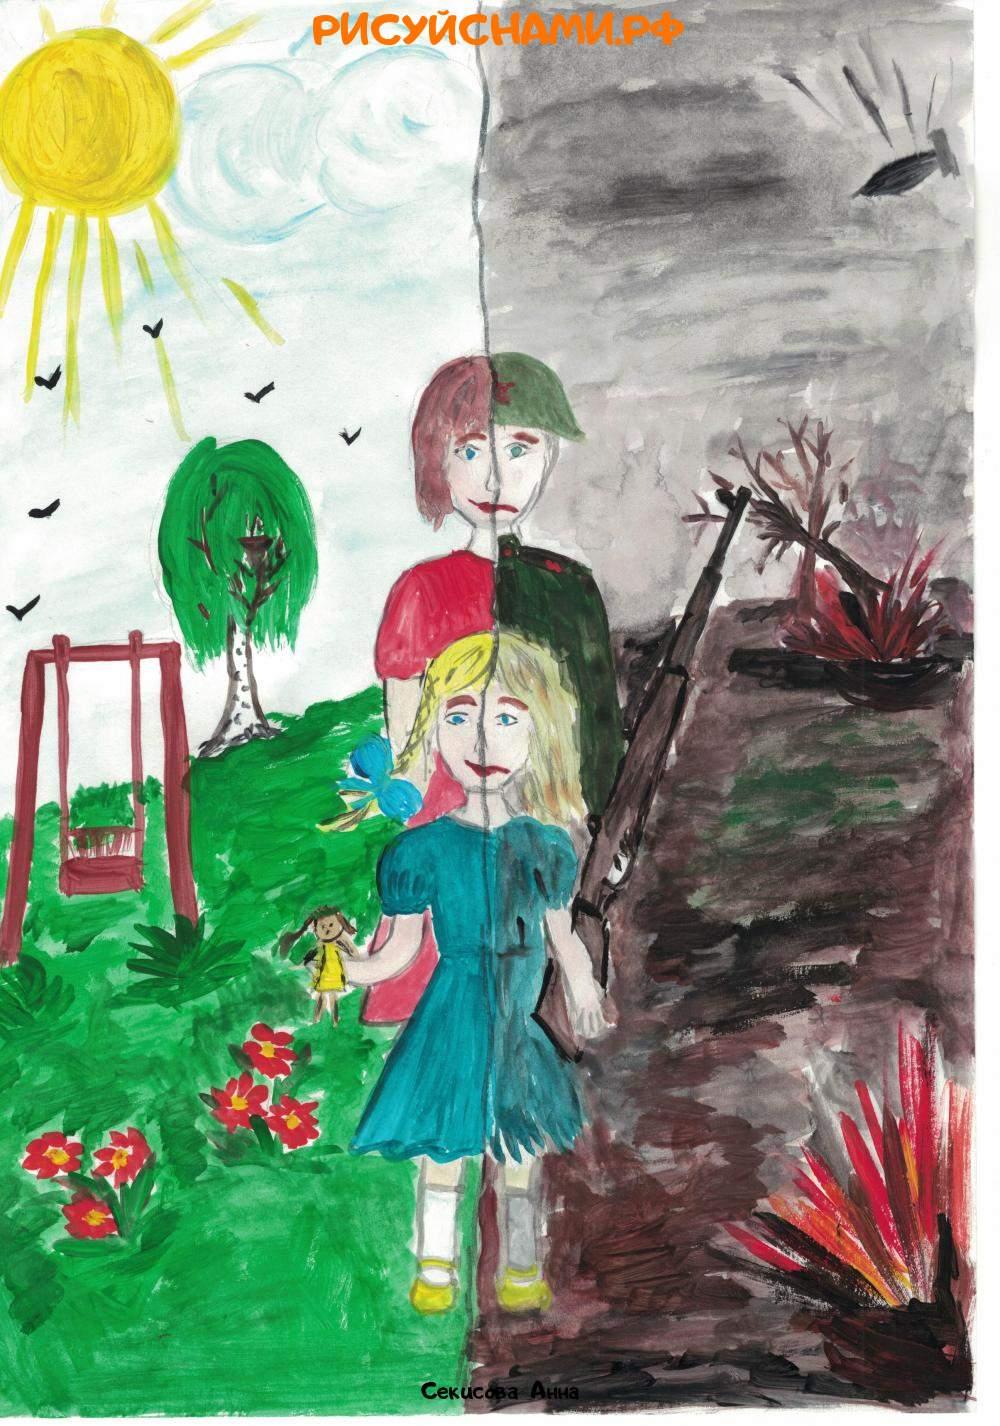 Всероссийский конкурс  Подвиги наших СОЛДАТ Заявка 12016  творческие конкурсы рисунков для школьников и дошкольников рисуй с нами #тмрисуйснами рисунок и поделка - Секисова  Анна